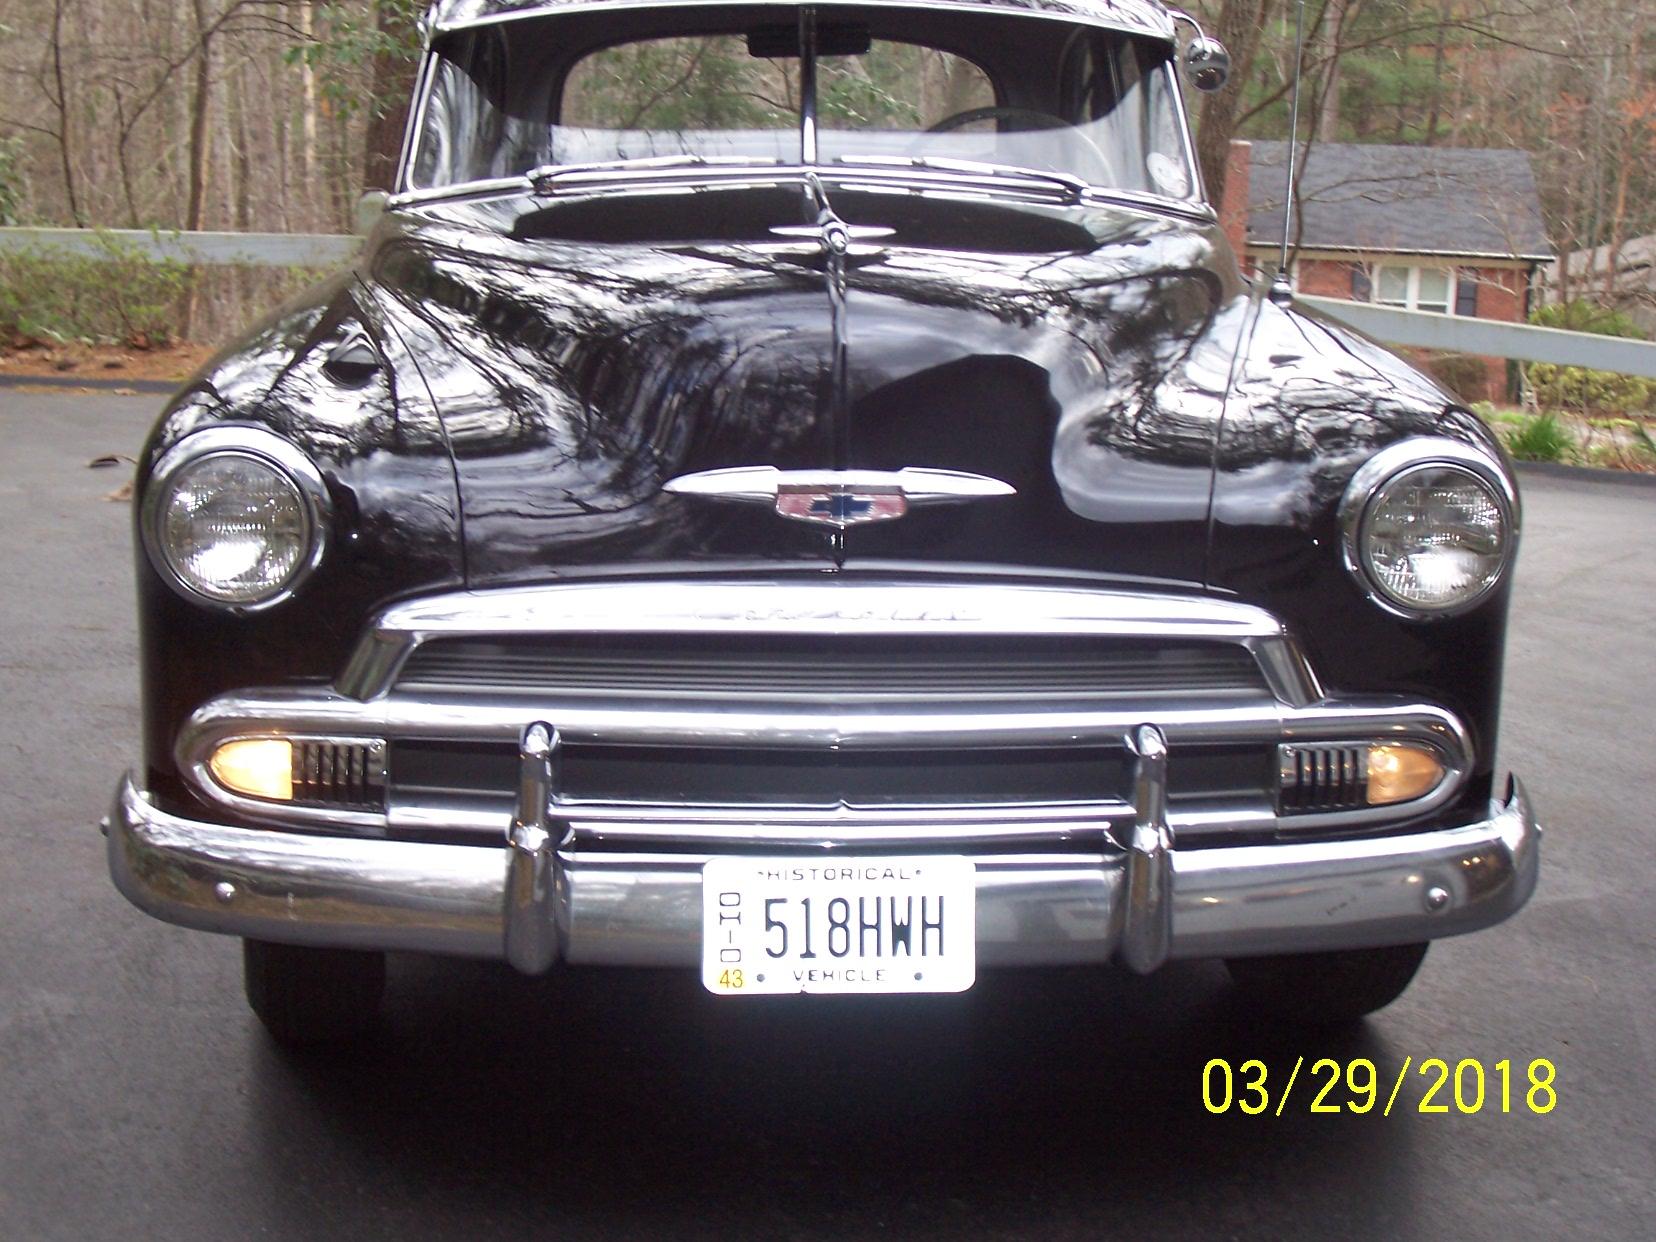 1951 Chevrolet Styleline Deluxe 2 Door Sedan Cars For Sale Chevy 104 5621